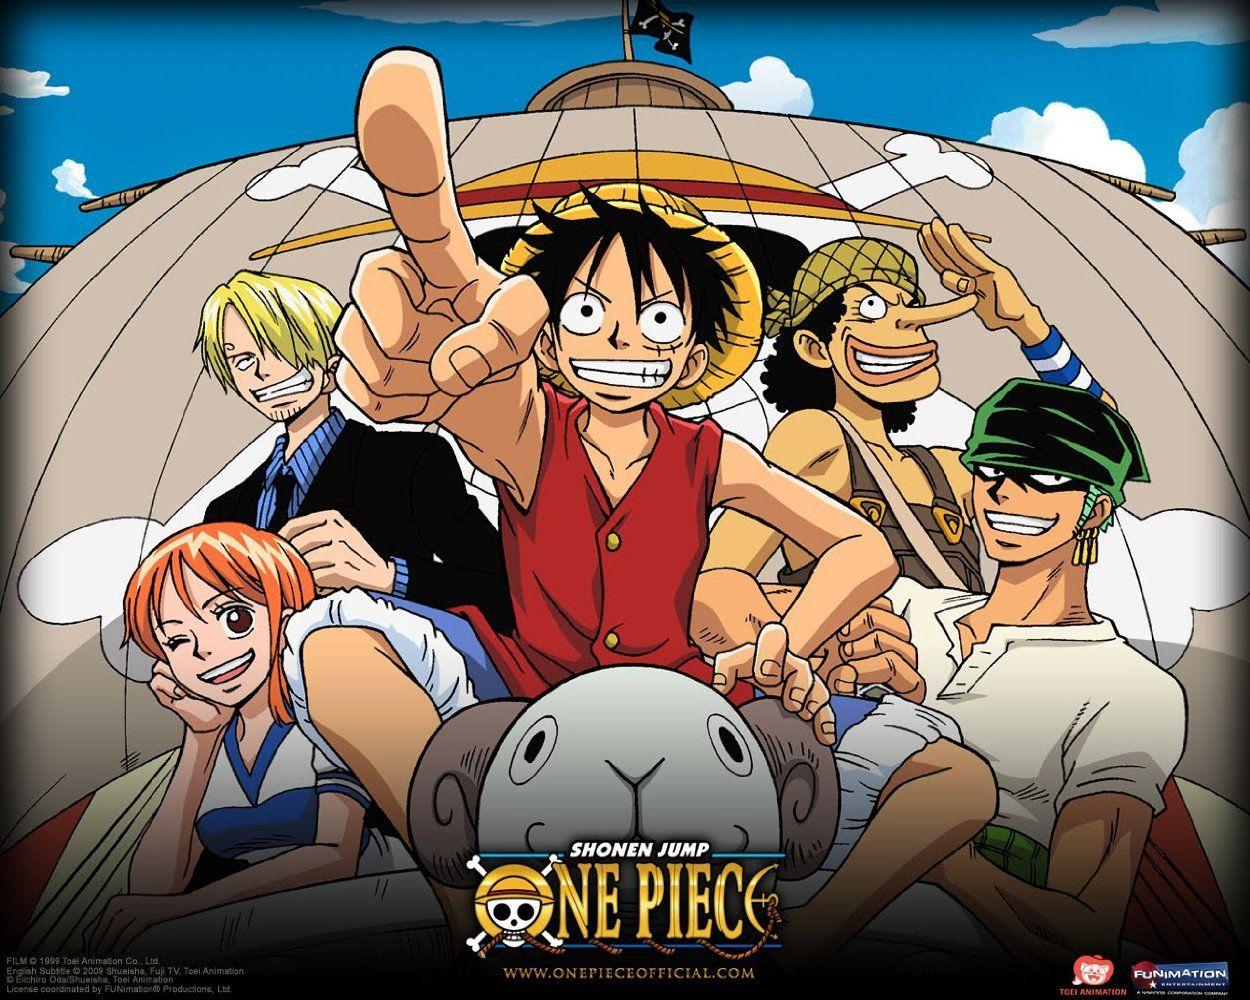 One piece movie 7 english